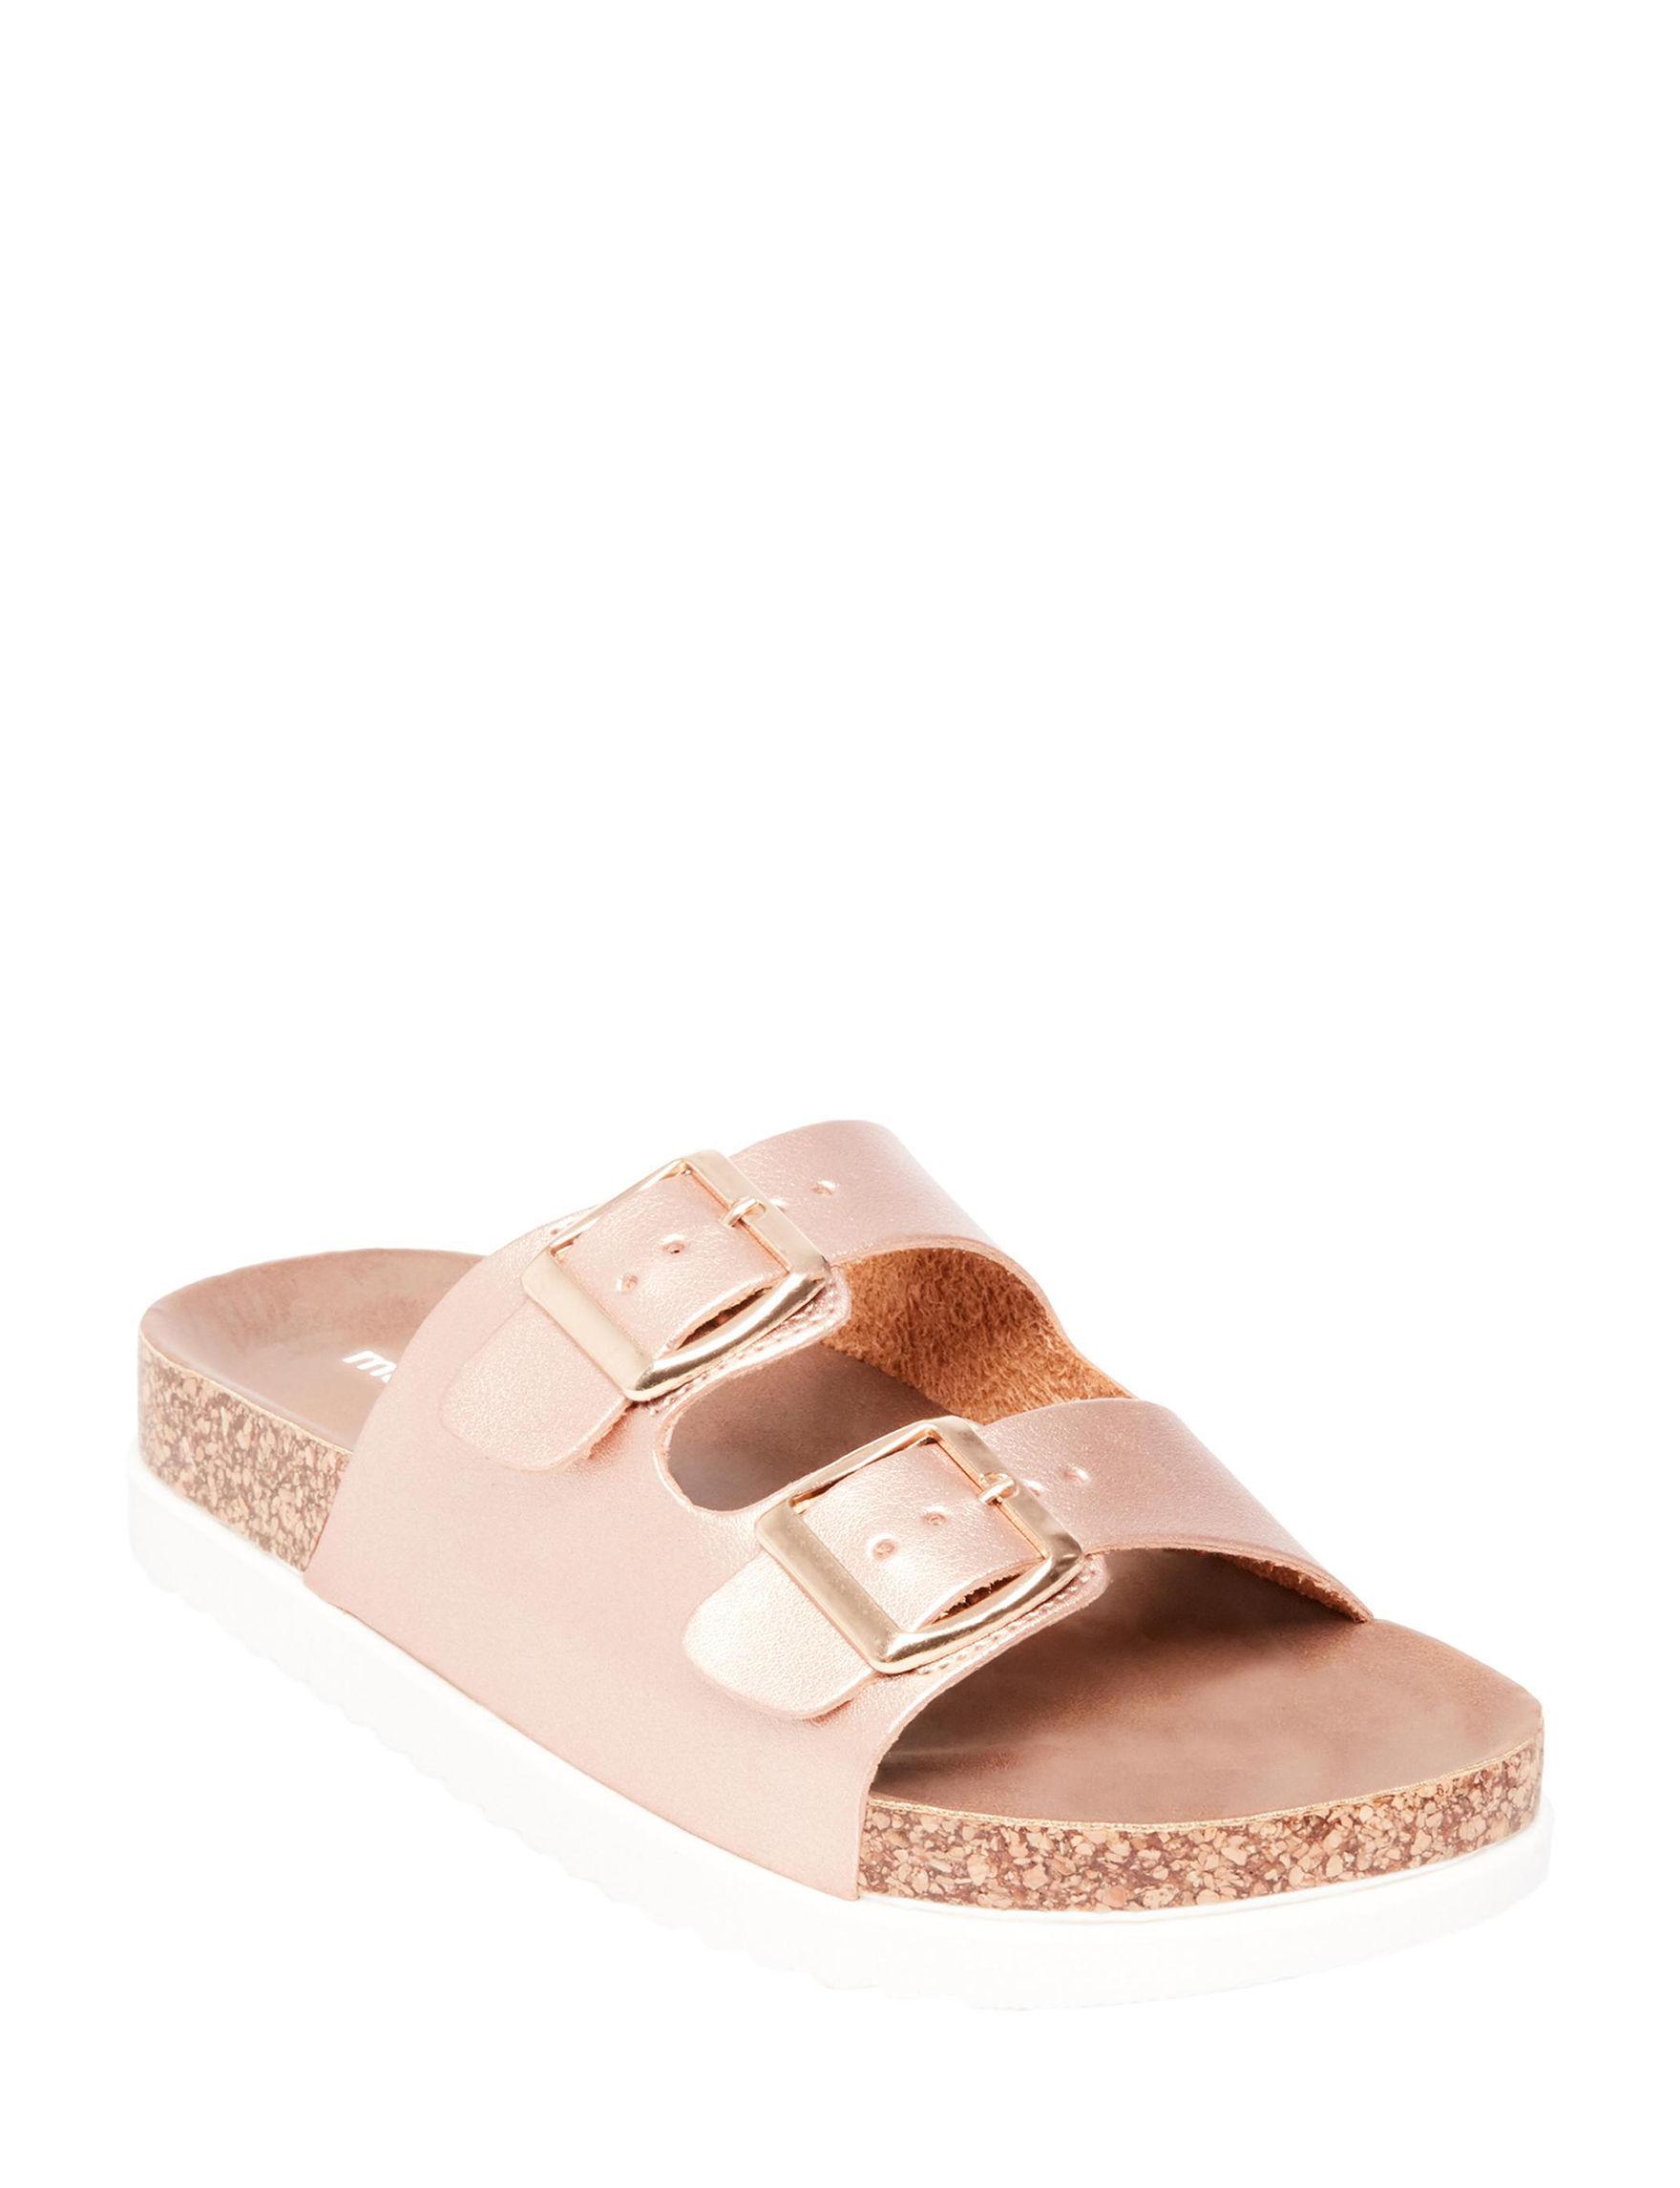 Madden Girl Rose Gold Flat Sandals Footbed